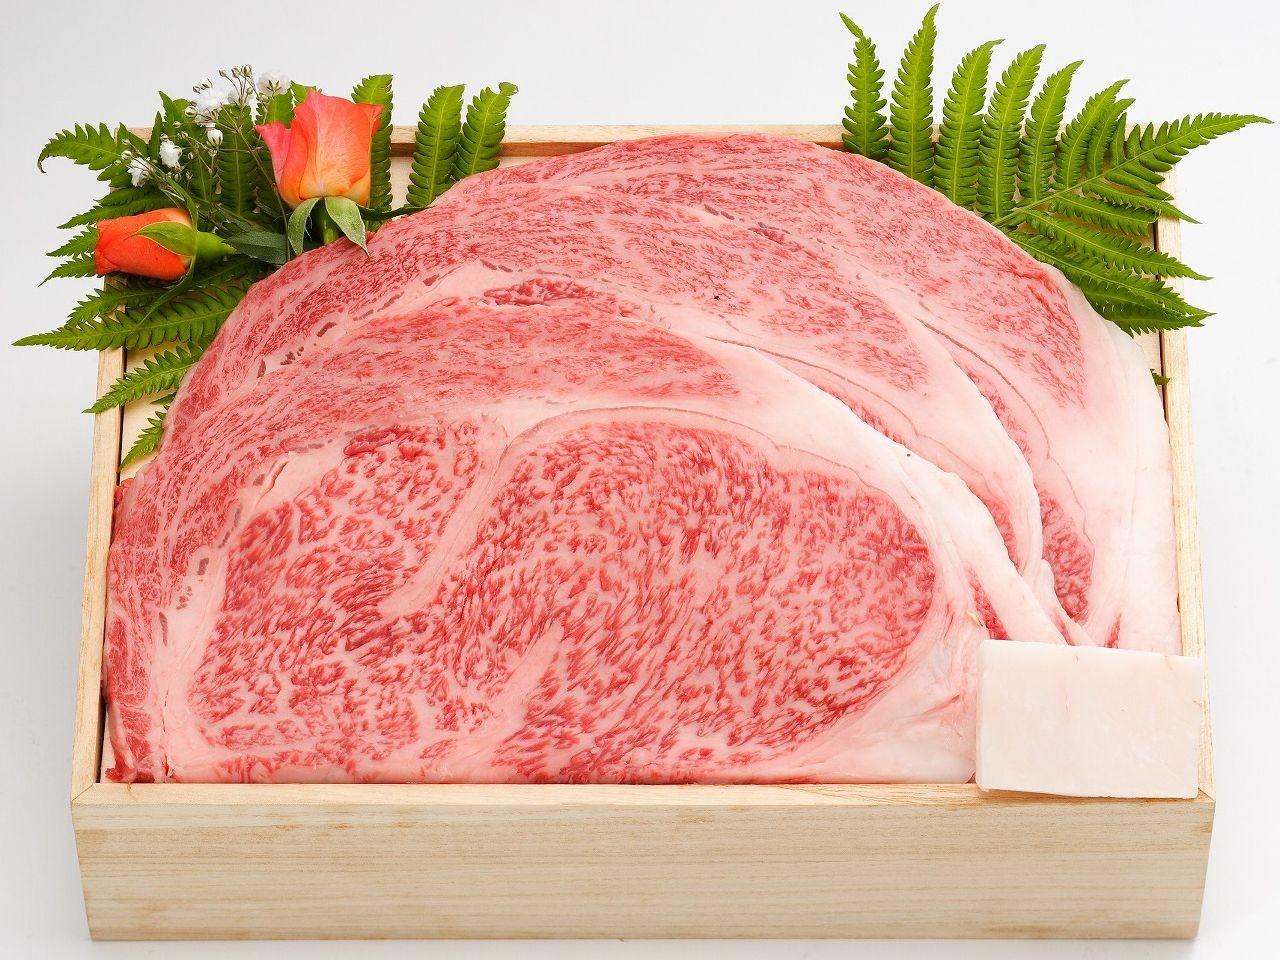 米沢牛 焼肉 リブロース